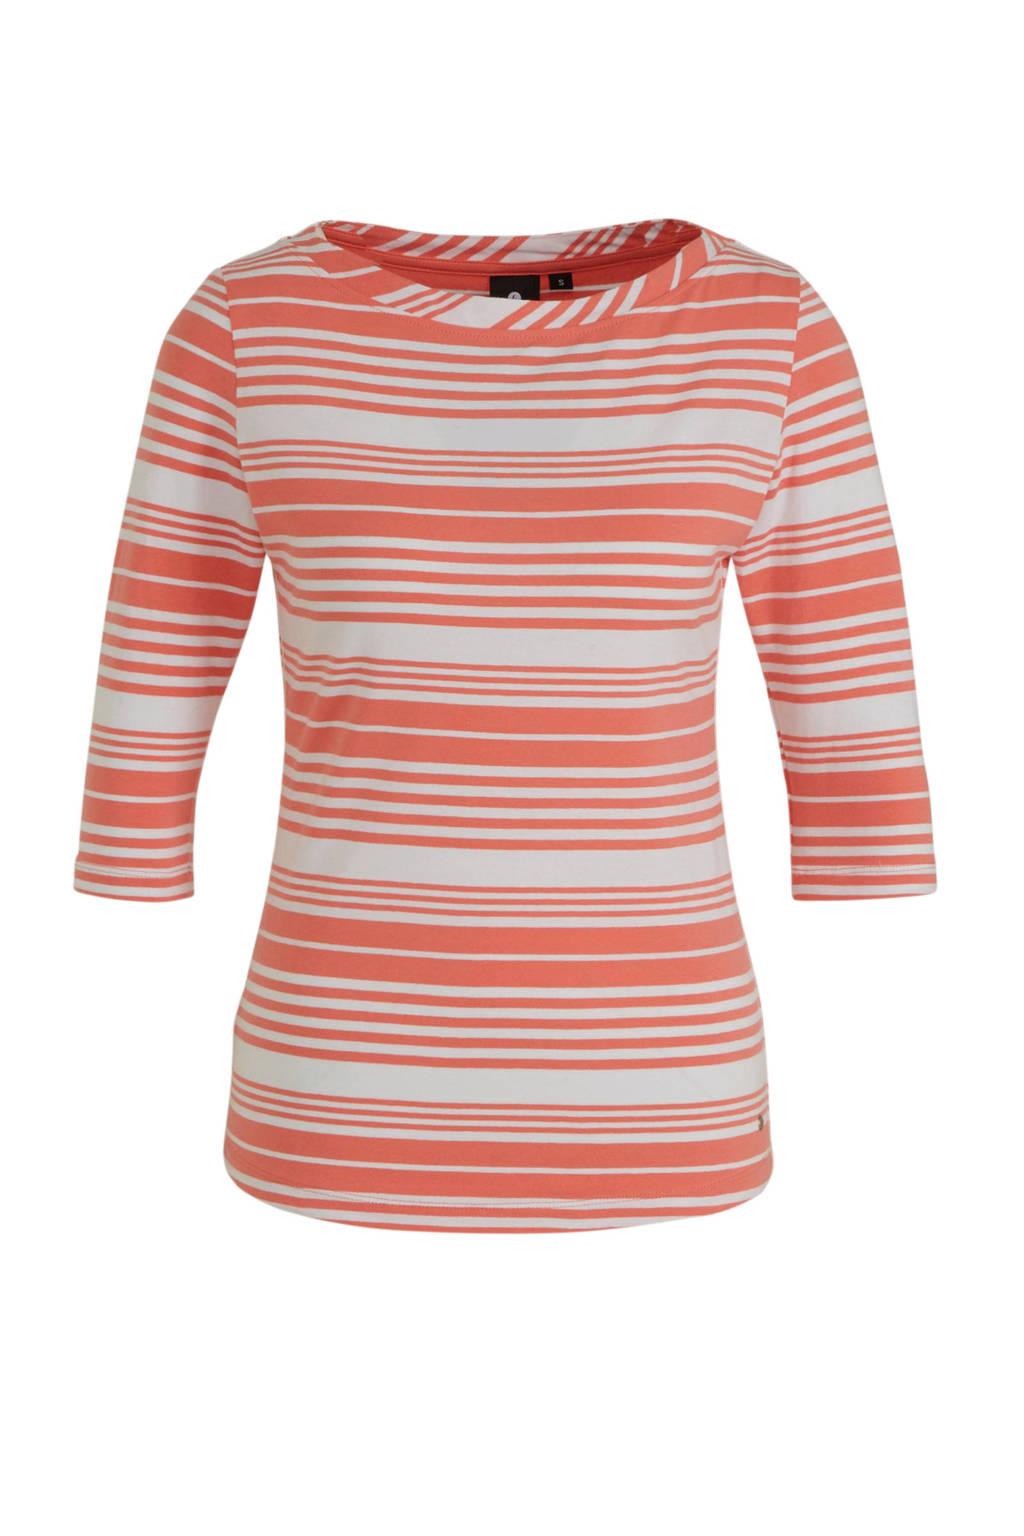 Luhta Askola T-shirt roze/wit, Roze/wit